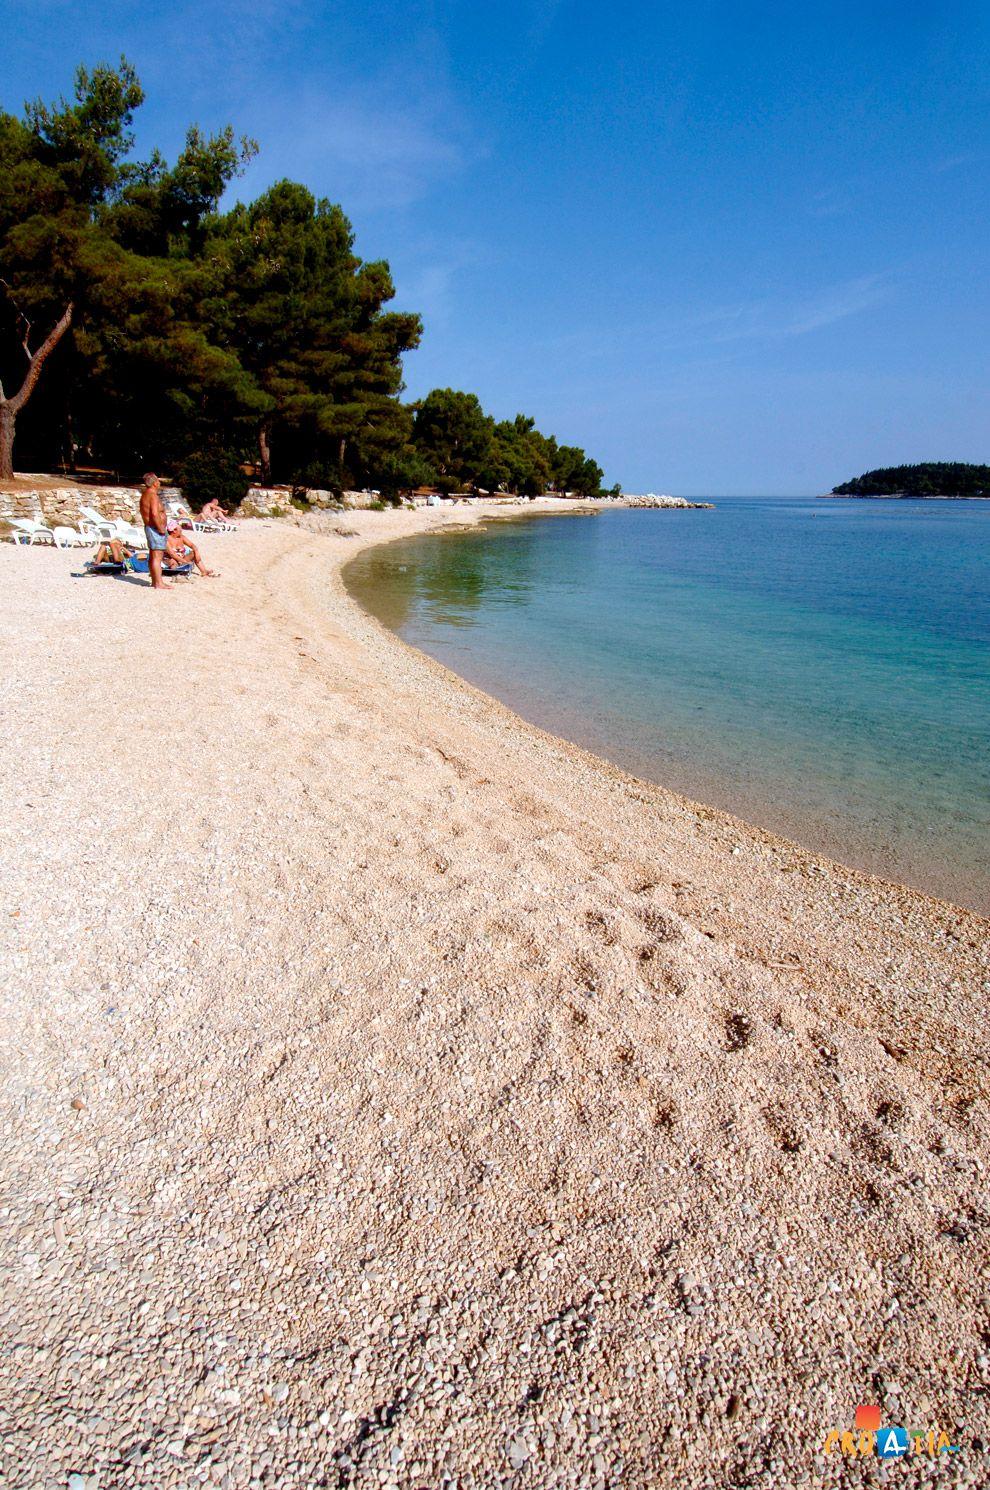 Croatia Croatia tourism